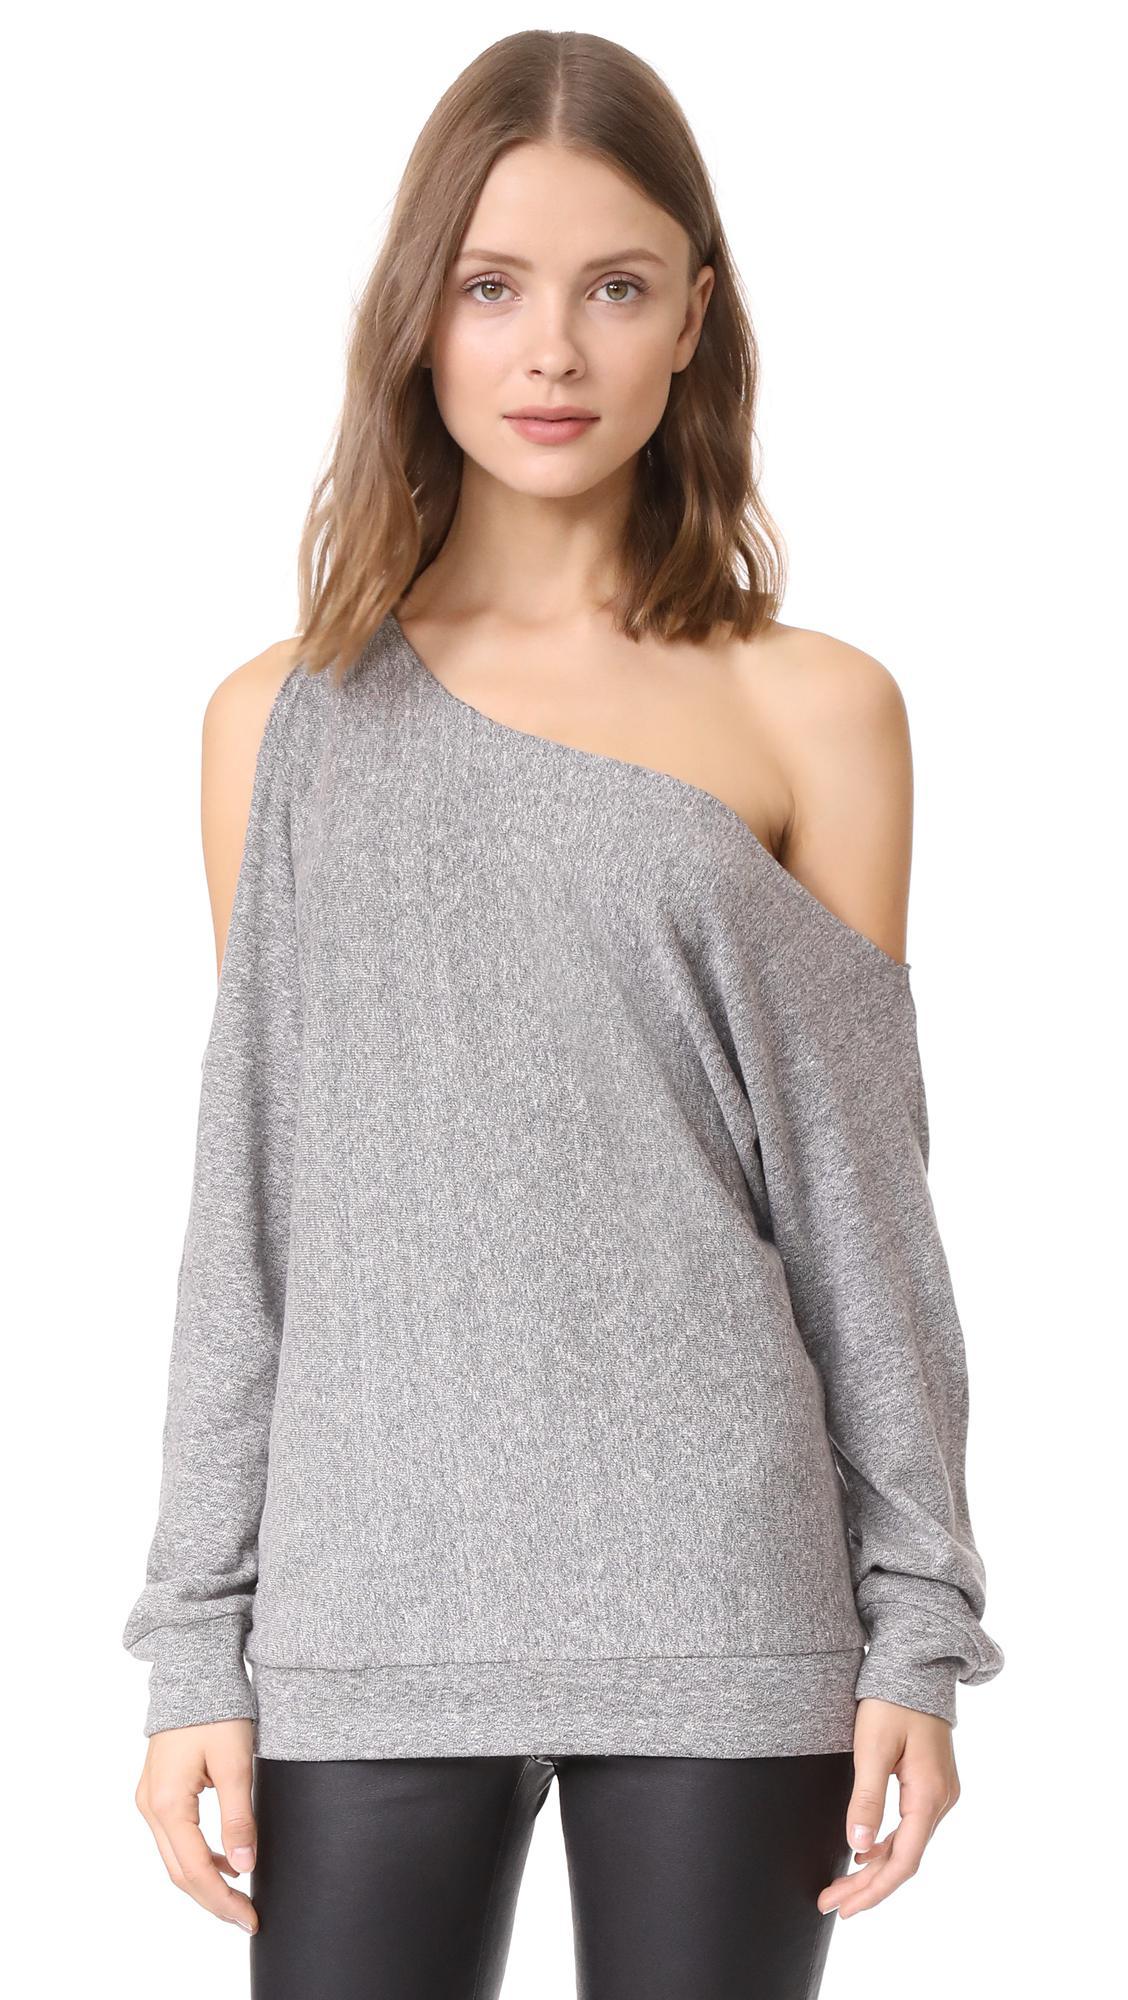 lyst lanston one shoulder pullover in gray. Black Bedroom Furniture Sets. Home Design Ideas